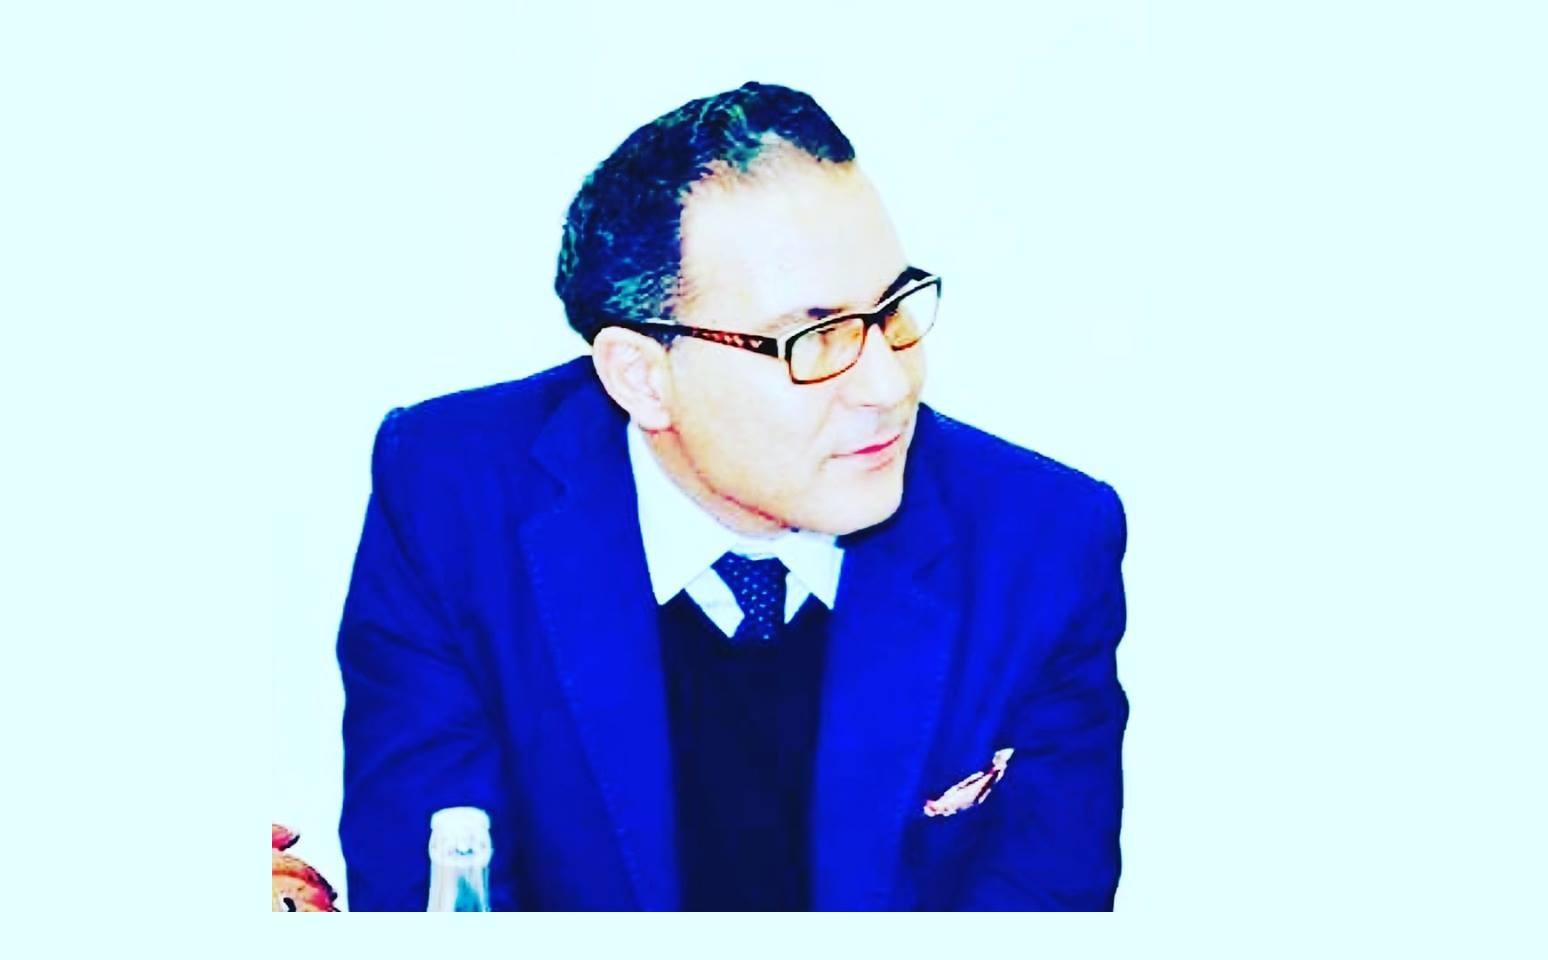 مترشح للإنتخابات الرئاسية: هدفي القضاء على المافيا وتحرير تونس من العقود المشبوهة وبعدها أستقيل